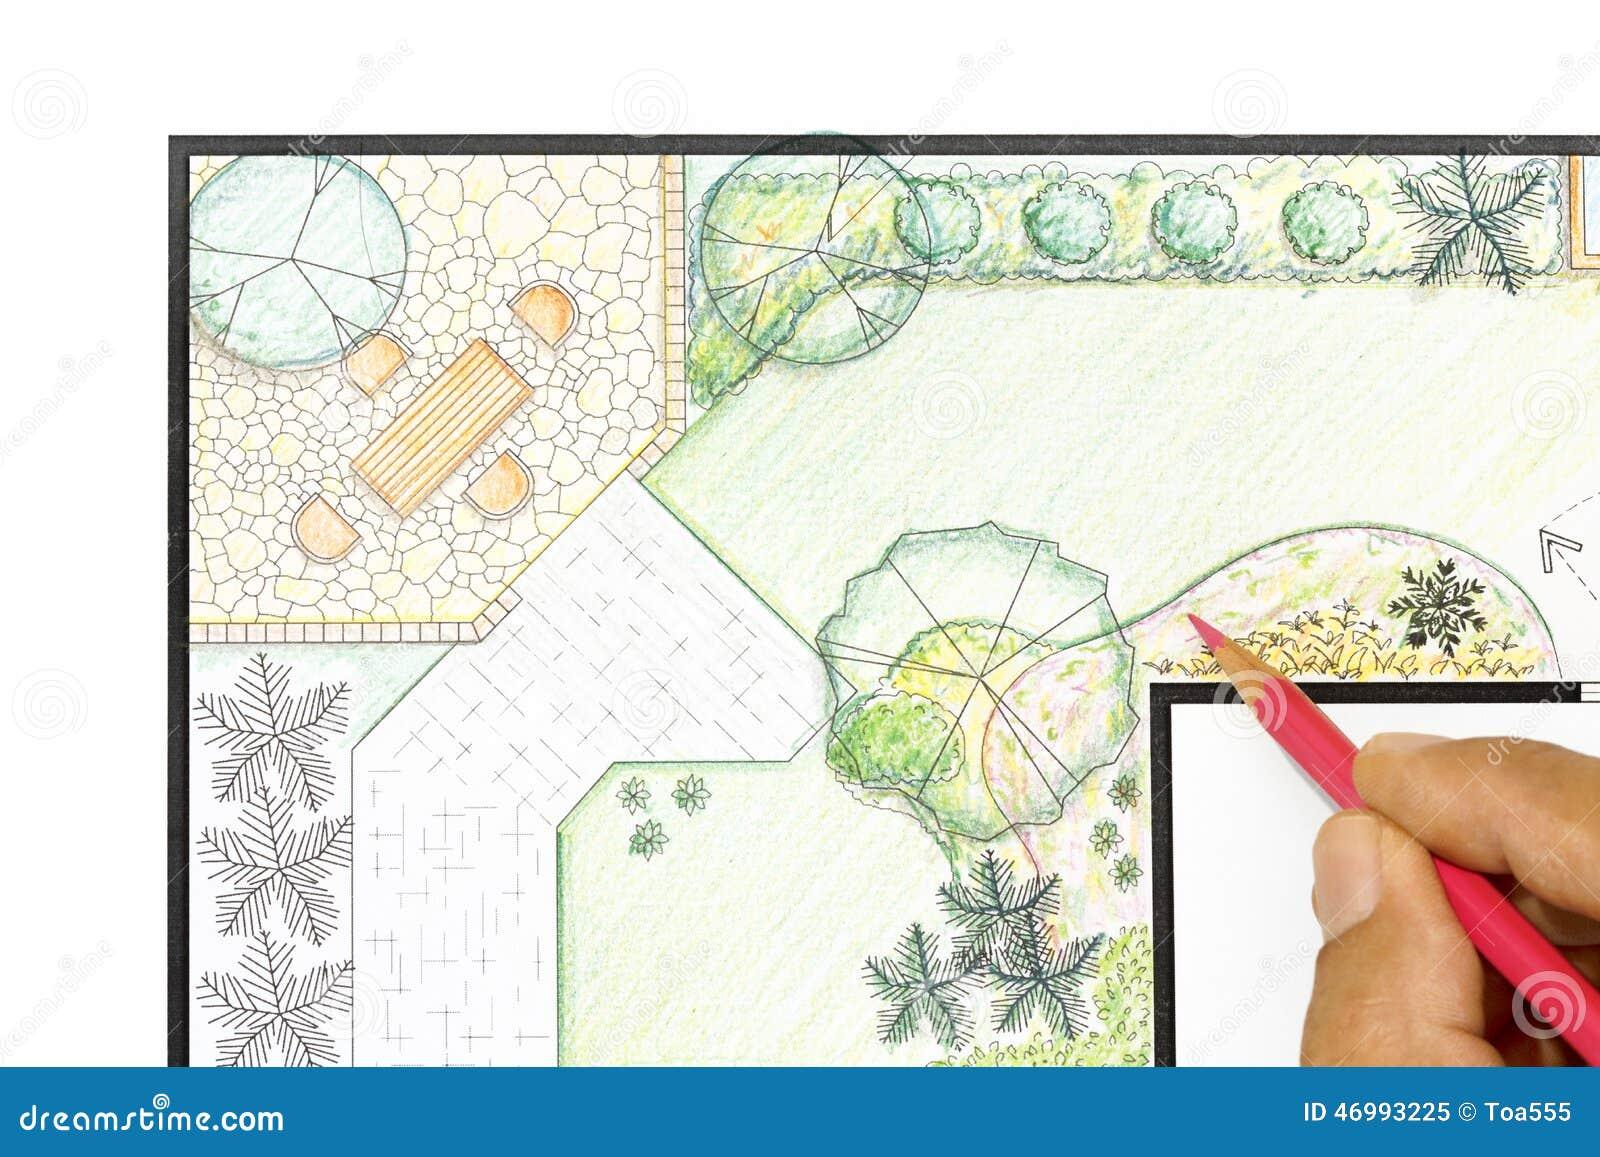 Emejing Landschaftsarchitektur Garten Skizze Images - Home Design ...